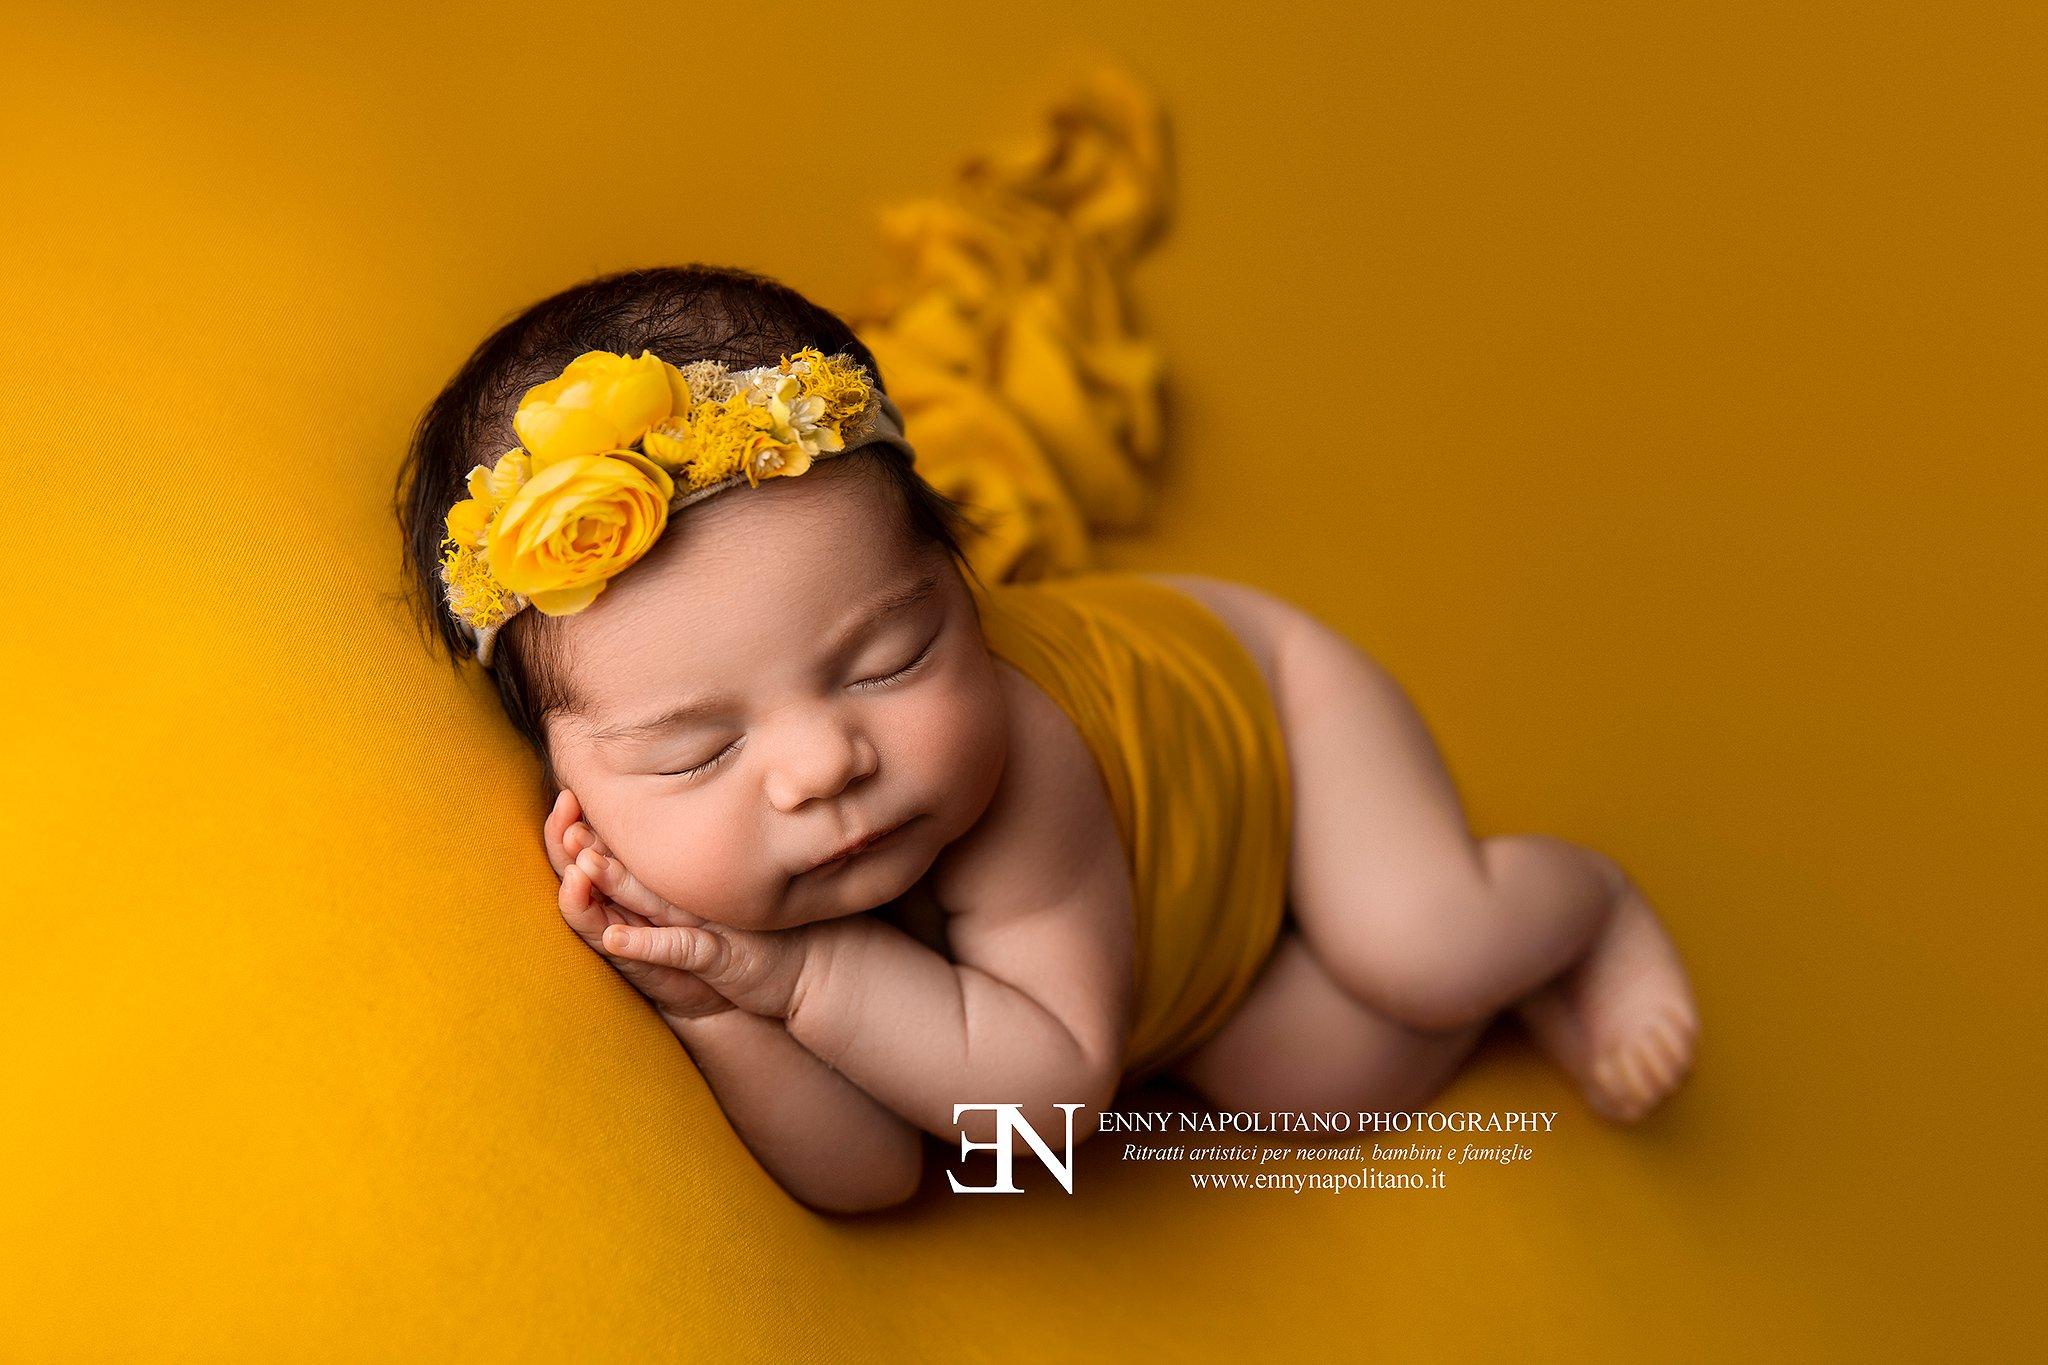 neonata che dorme sul fianco su coperta gialla e arancione durante un servizio fotografico per neonati e bambini a Milano